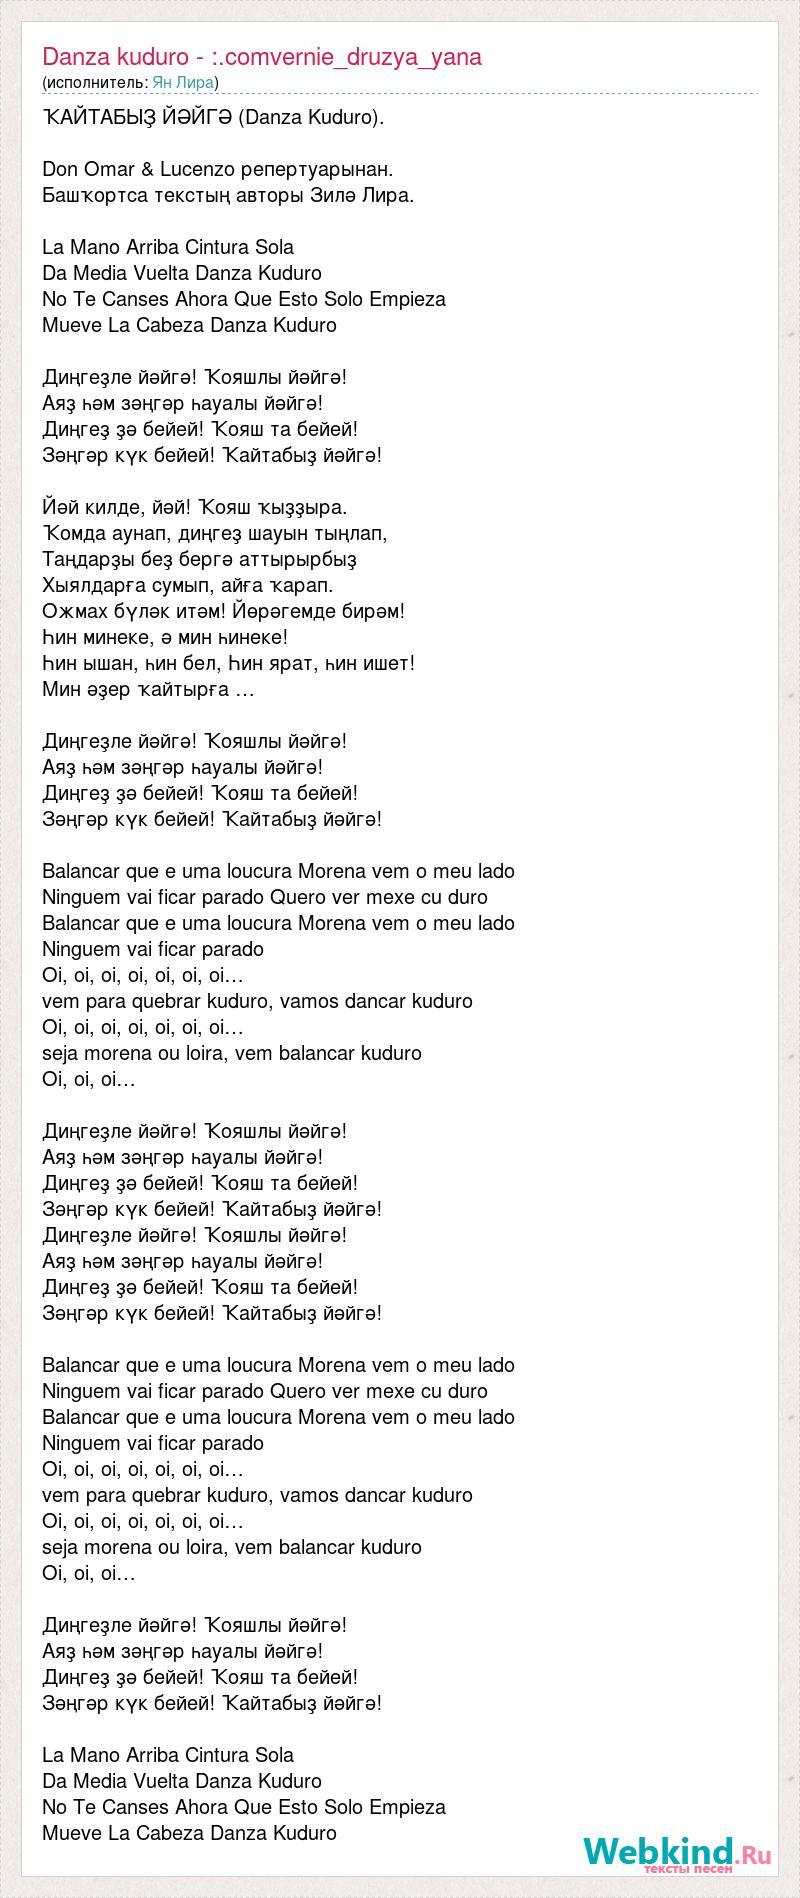 Danza Kuduro Text